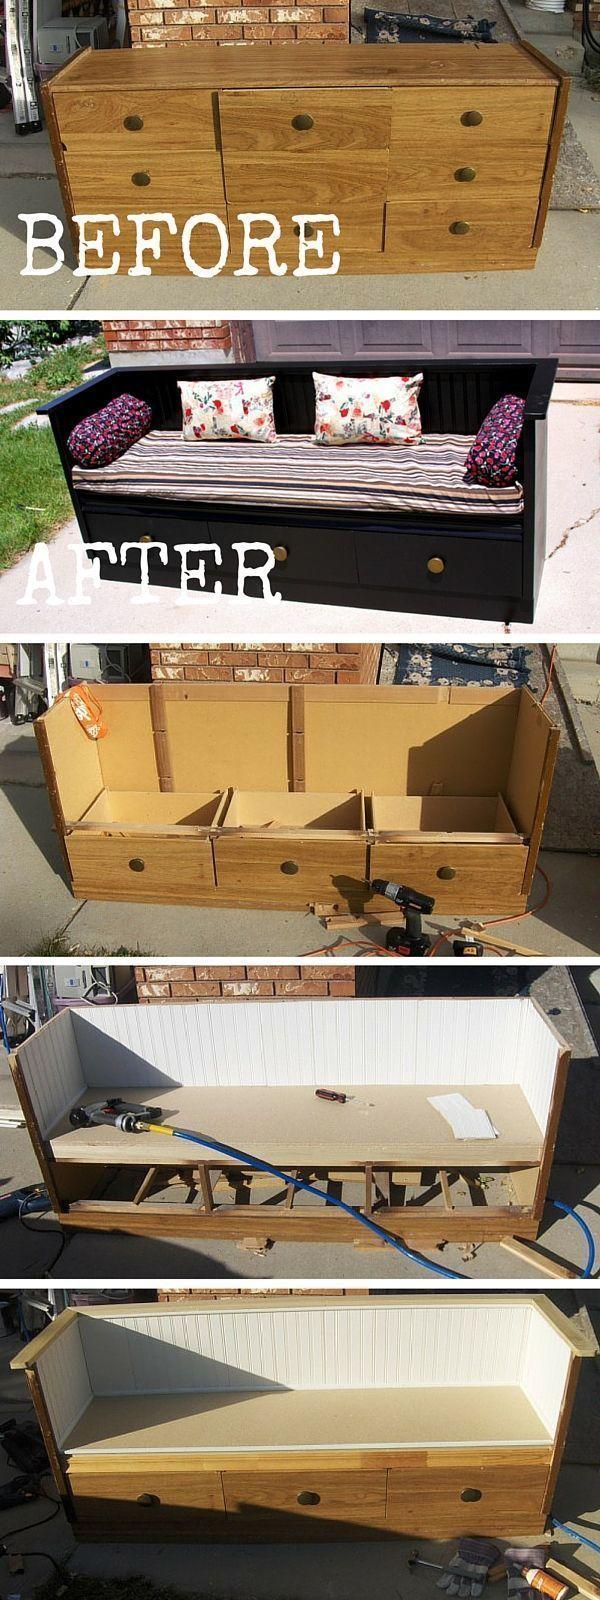 Schauen Sie sich das Tutorial an: #DIY ein alter Dresser zu einer Bank Trans